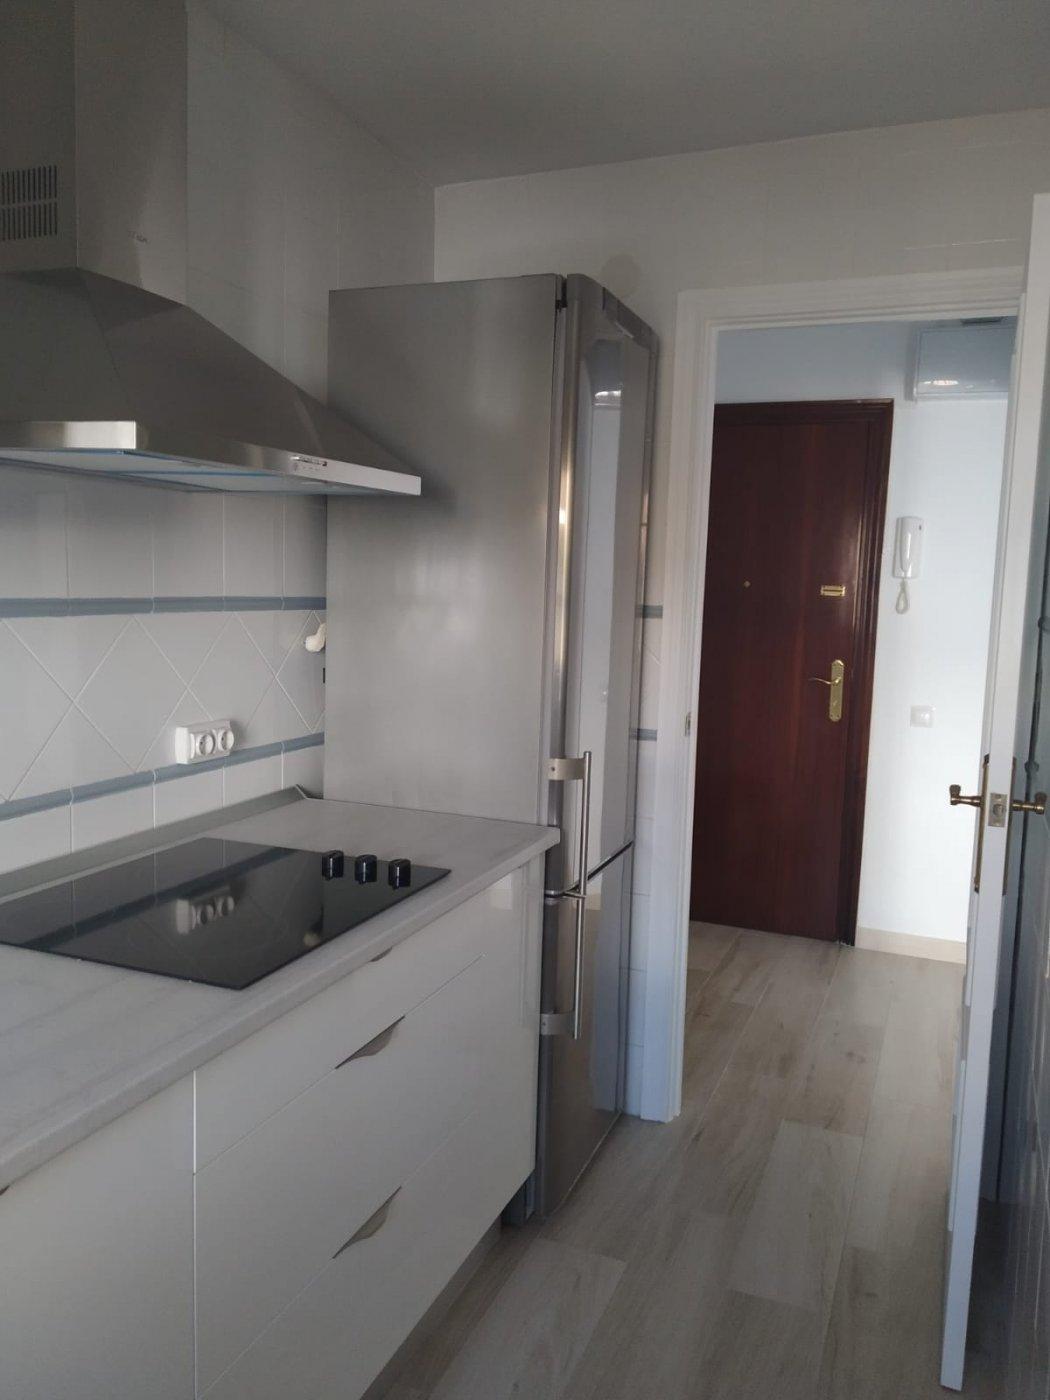 Piso · Alcala De Guadaira · Centro 500€ MES€